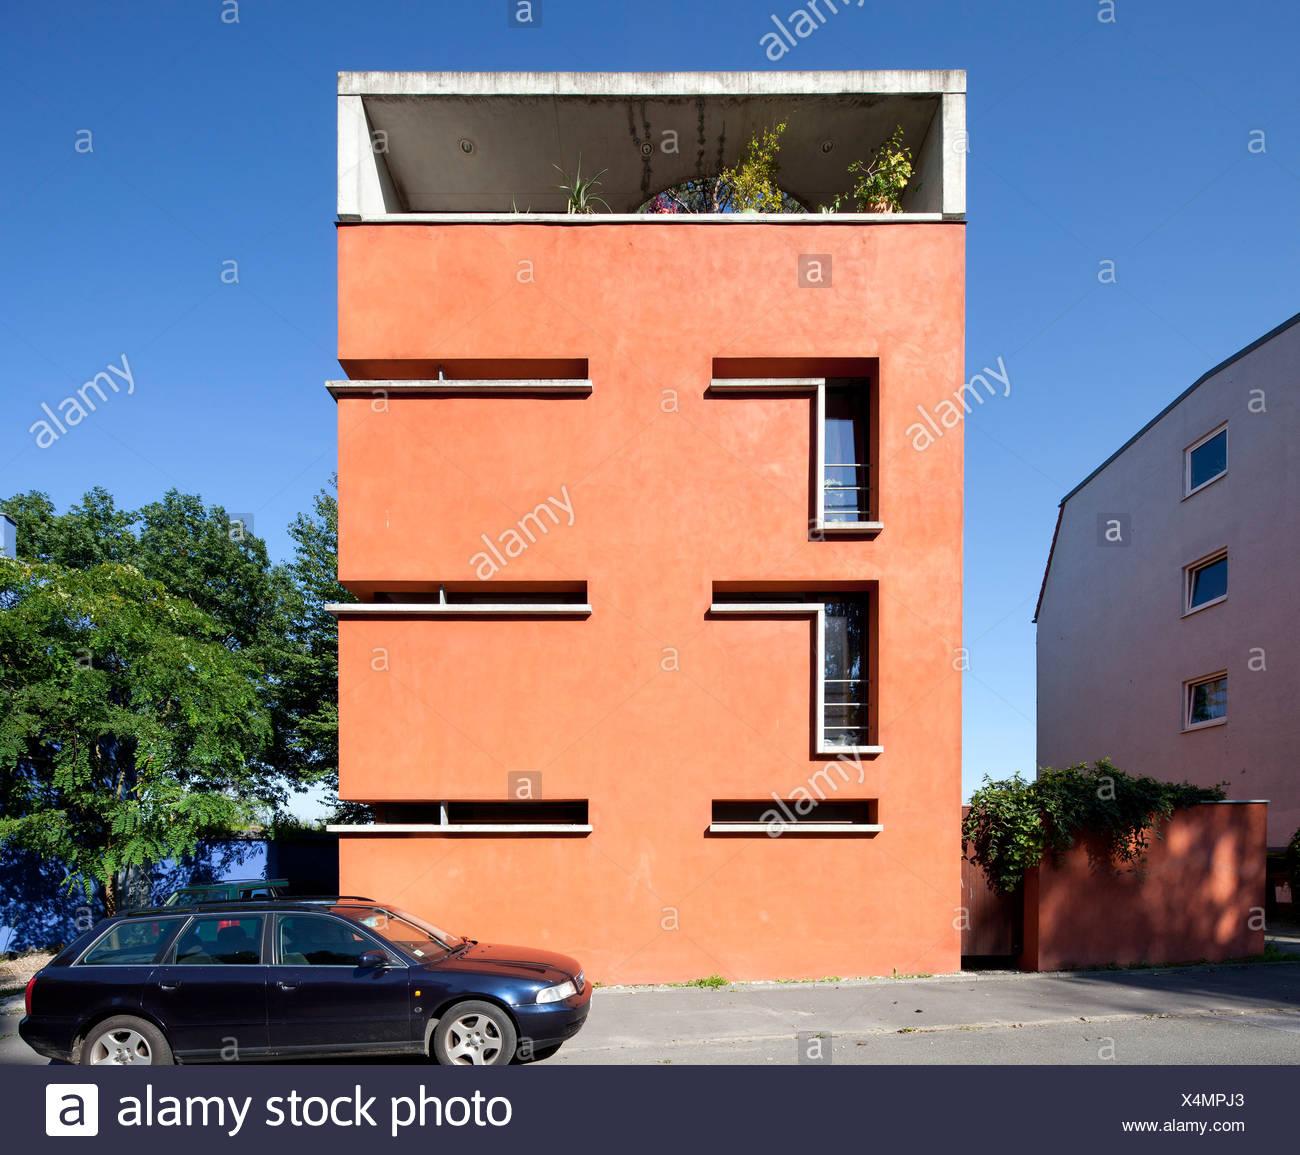 Red House, Tremonia Houses of Architects, Dortmund, Ruhr Area, North Rhine-Westphalia, Germany, Europe, PublicGround - Stock Image